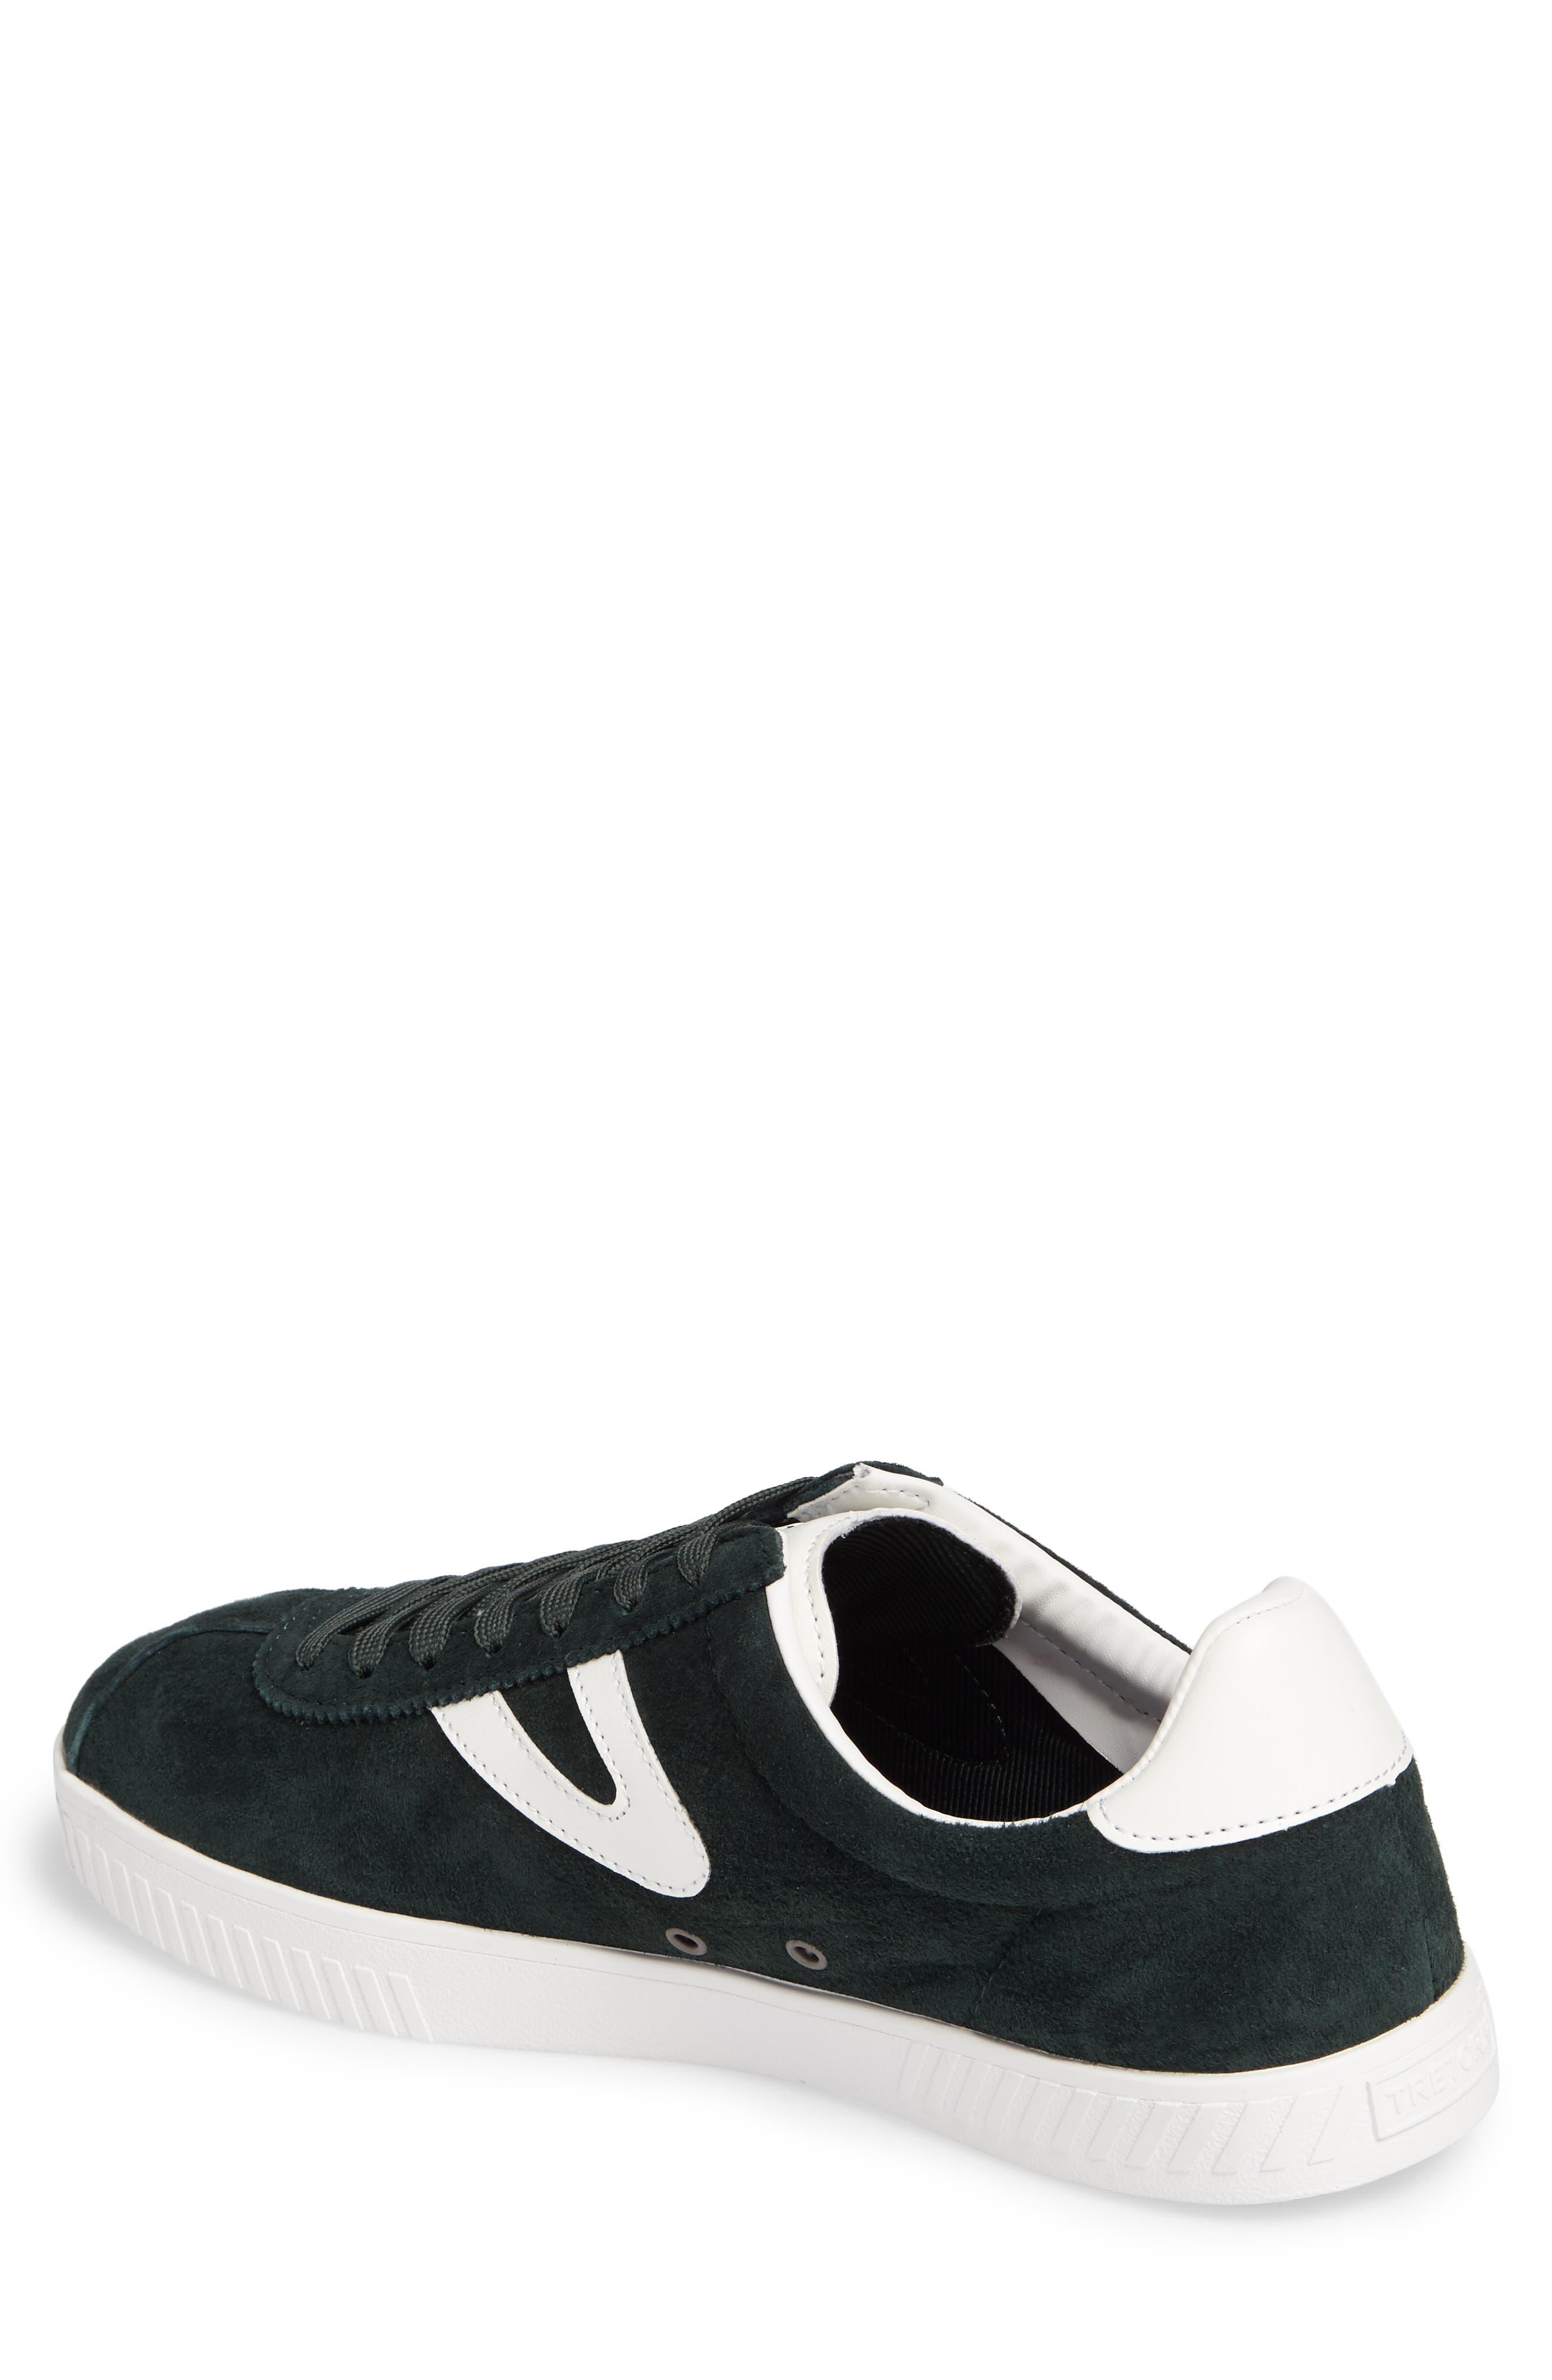 Alternate Image 2  - Tretorn Camden 3 Sneaker (Men)